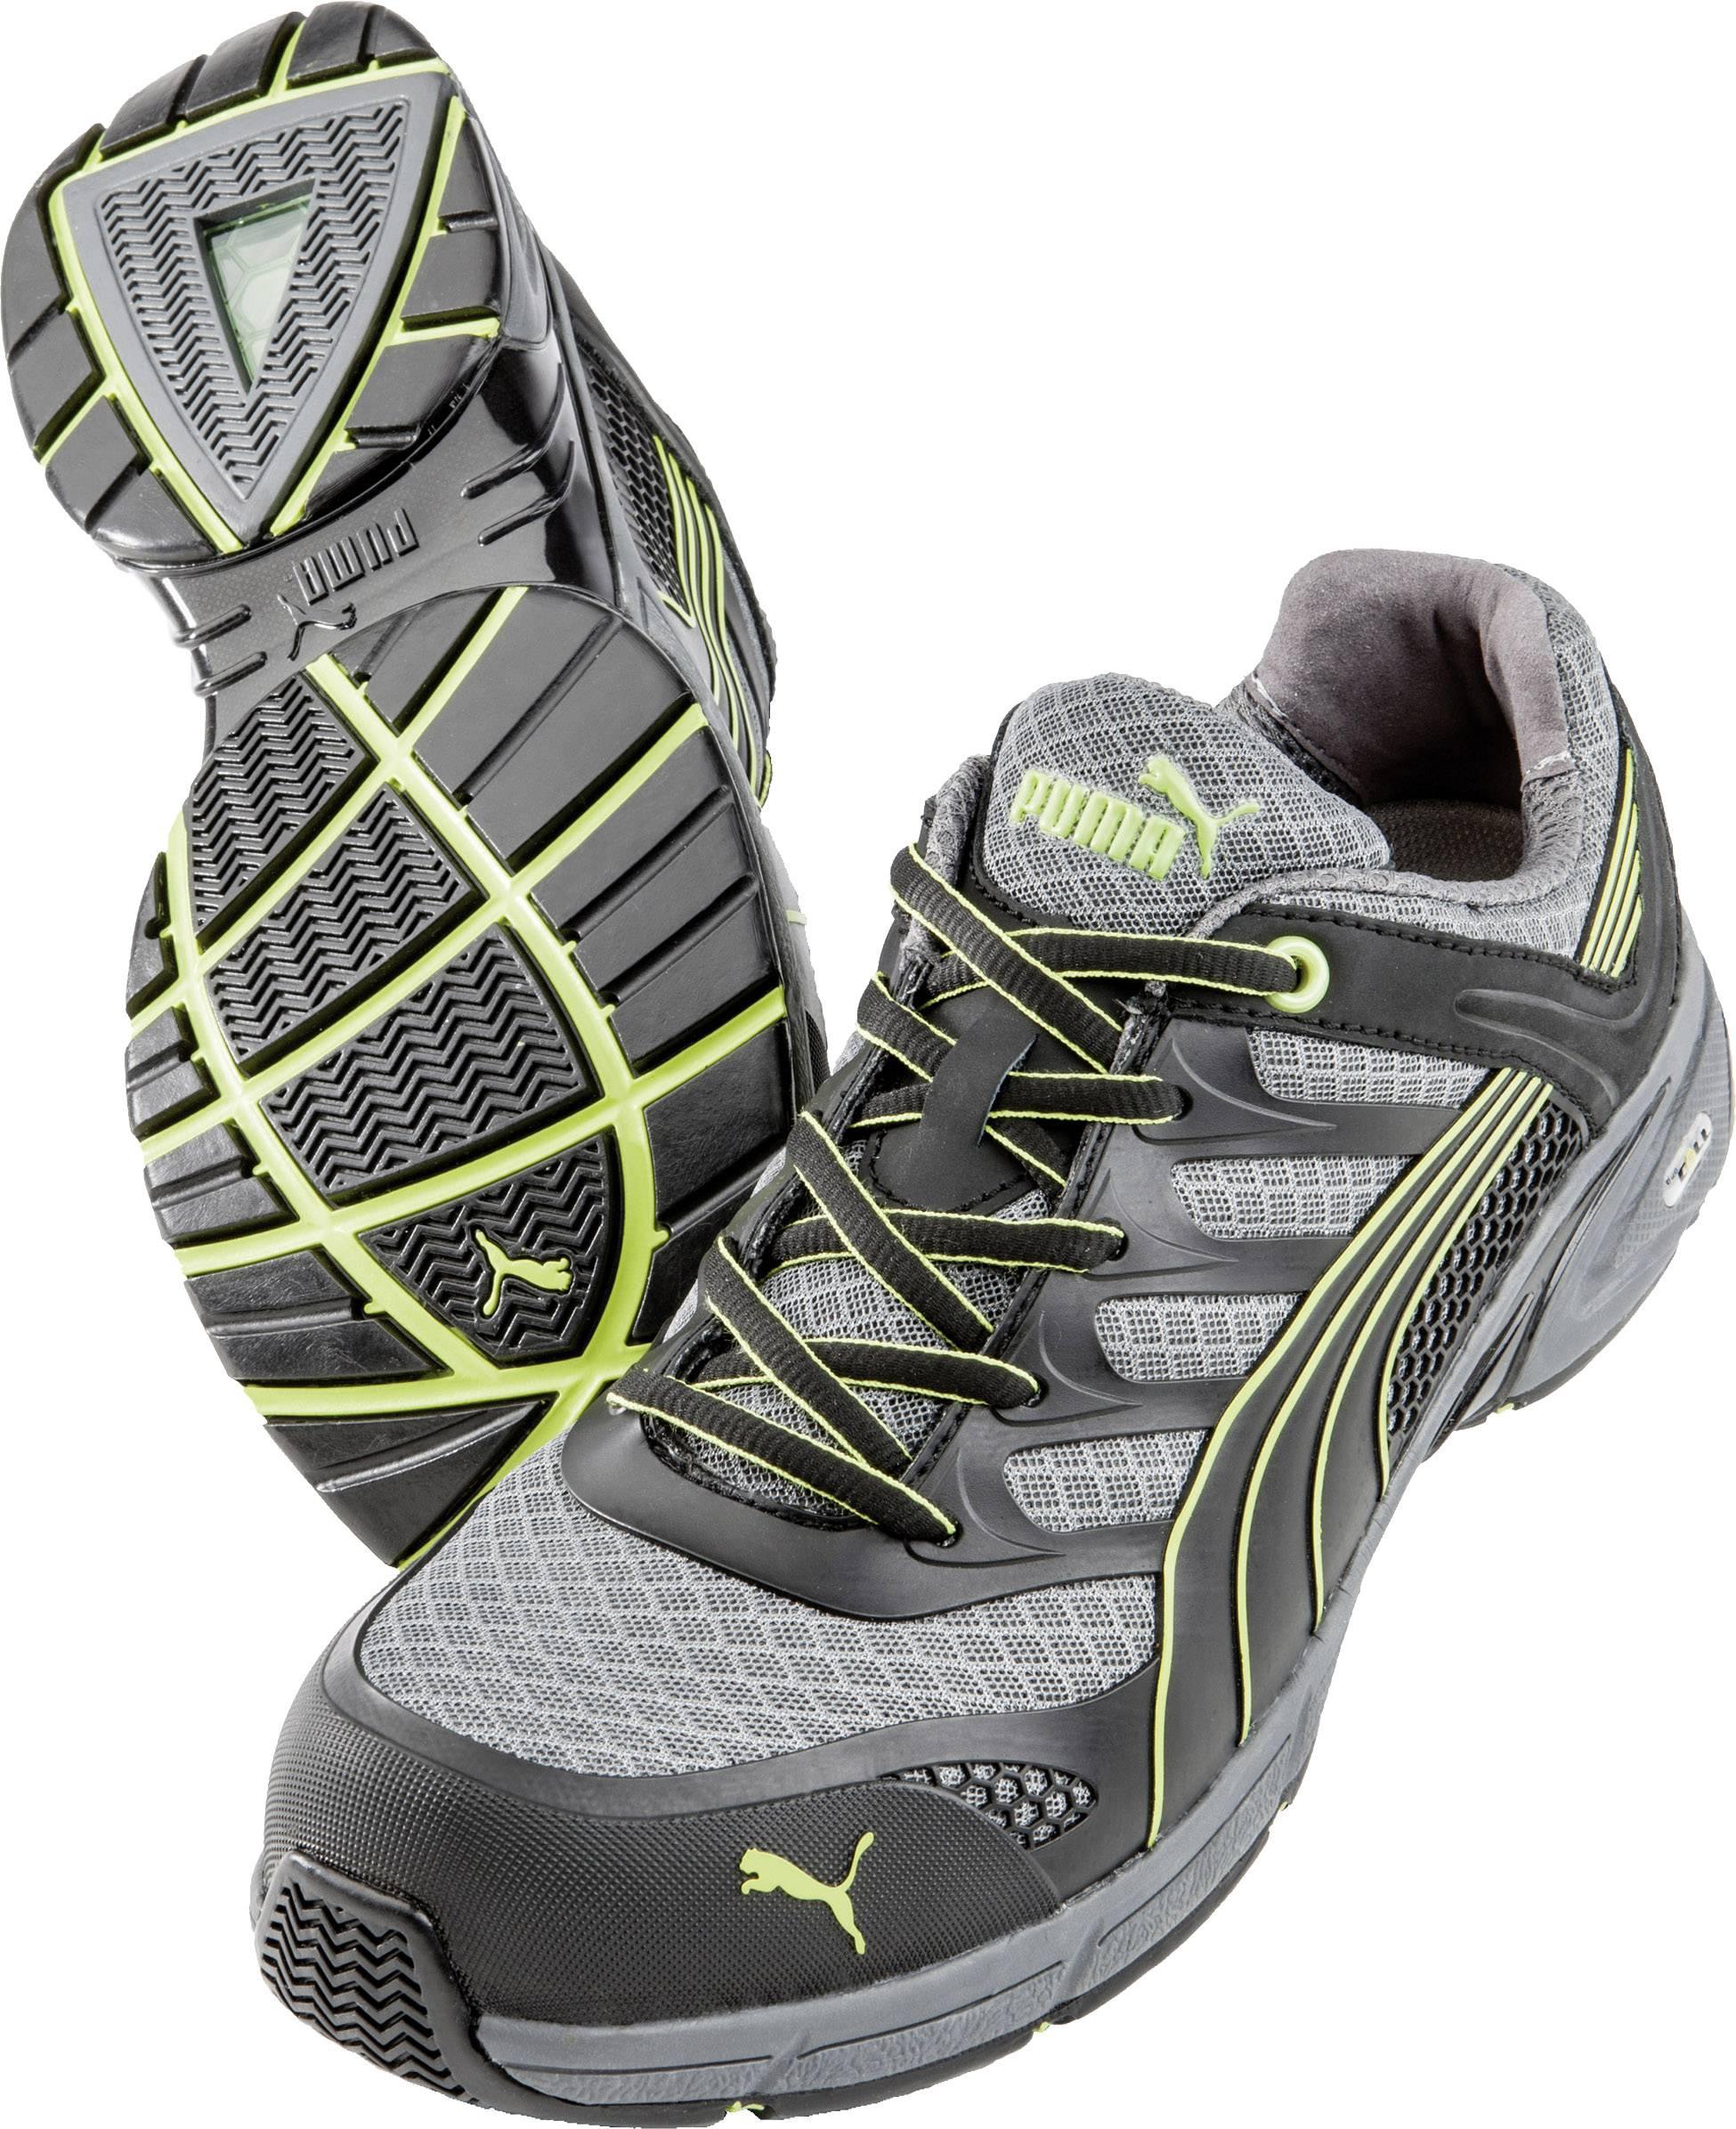 Bezpečnostní obuv S1P PUMA Safety FUSE MOTION GREEN LOW HRO SRA 642520, vel.: 43, černá, šedá, žlutá, 1 pár